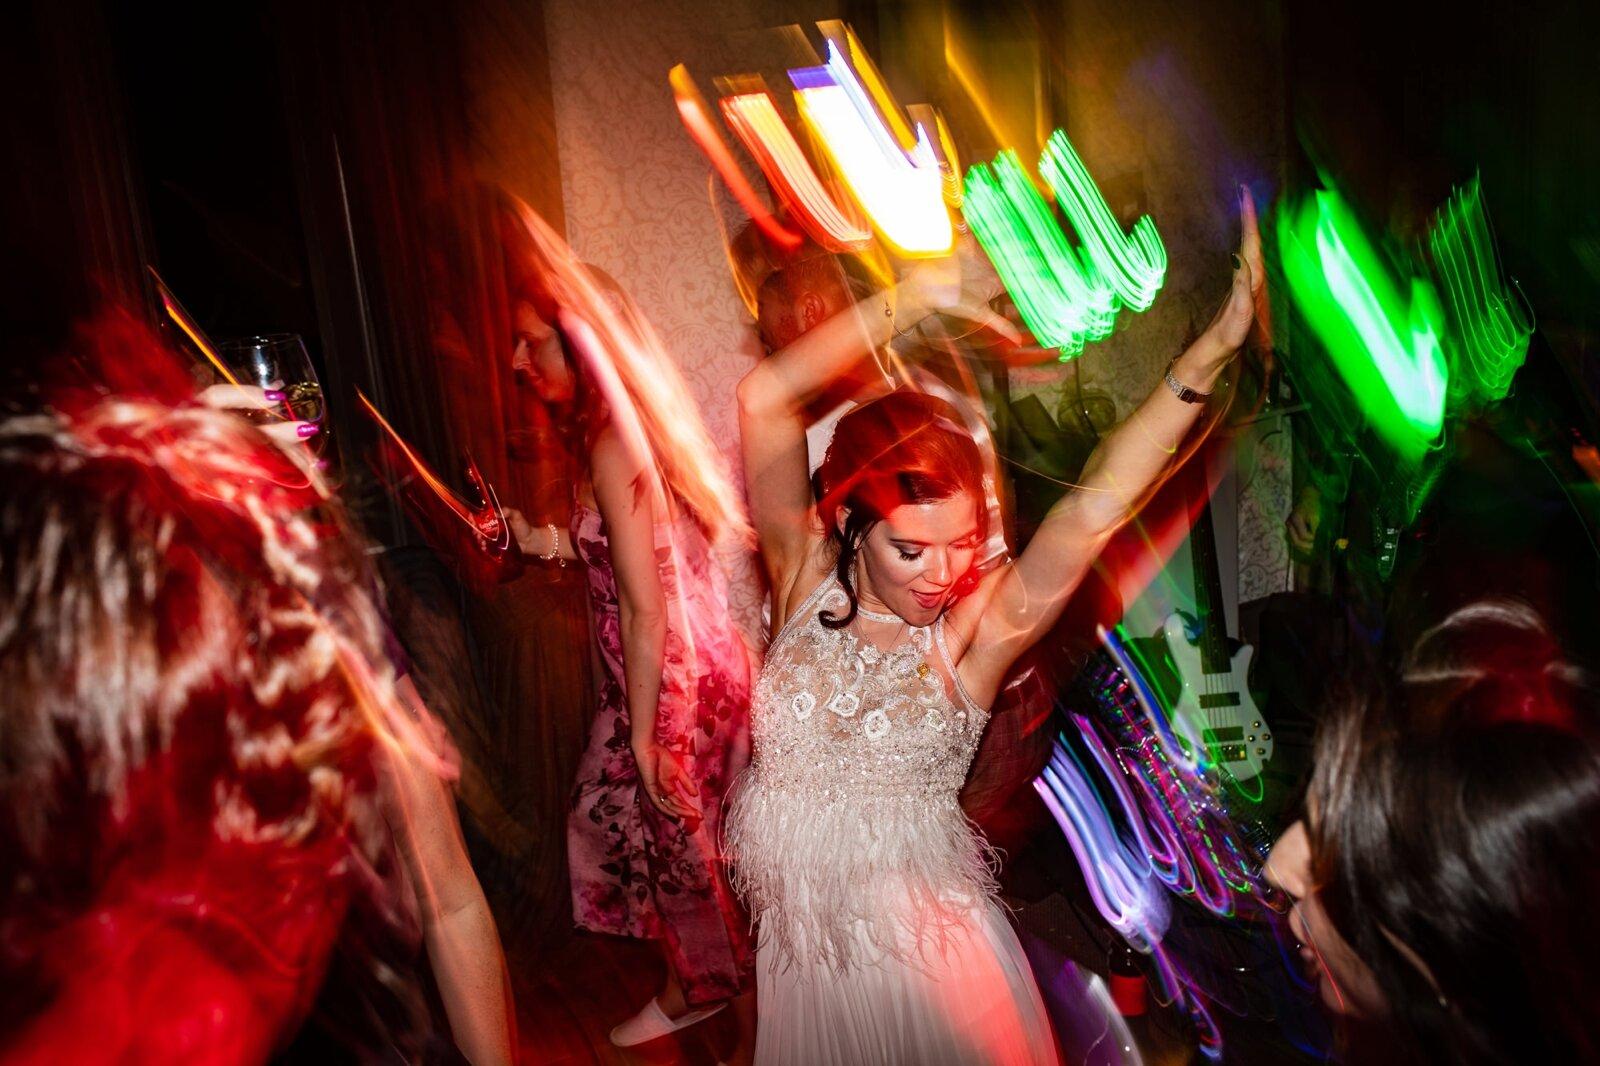 Andy&Szerdi-Photography_Party_Elaine-Stephen-25.jpg